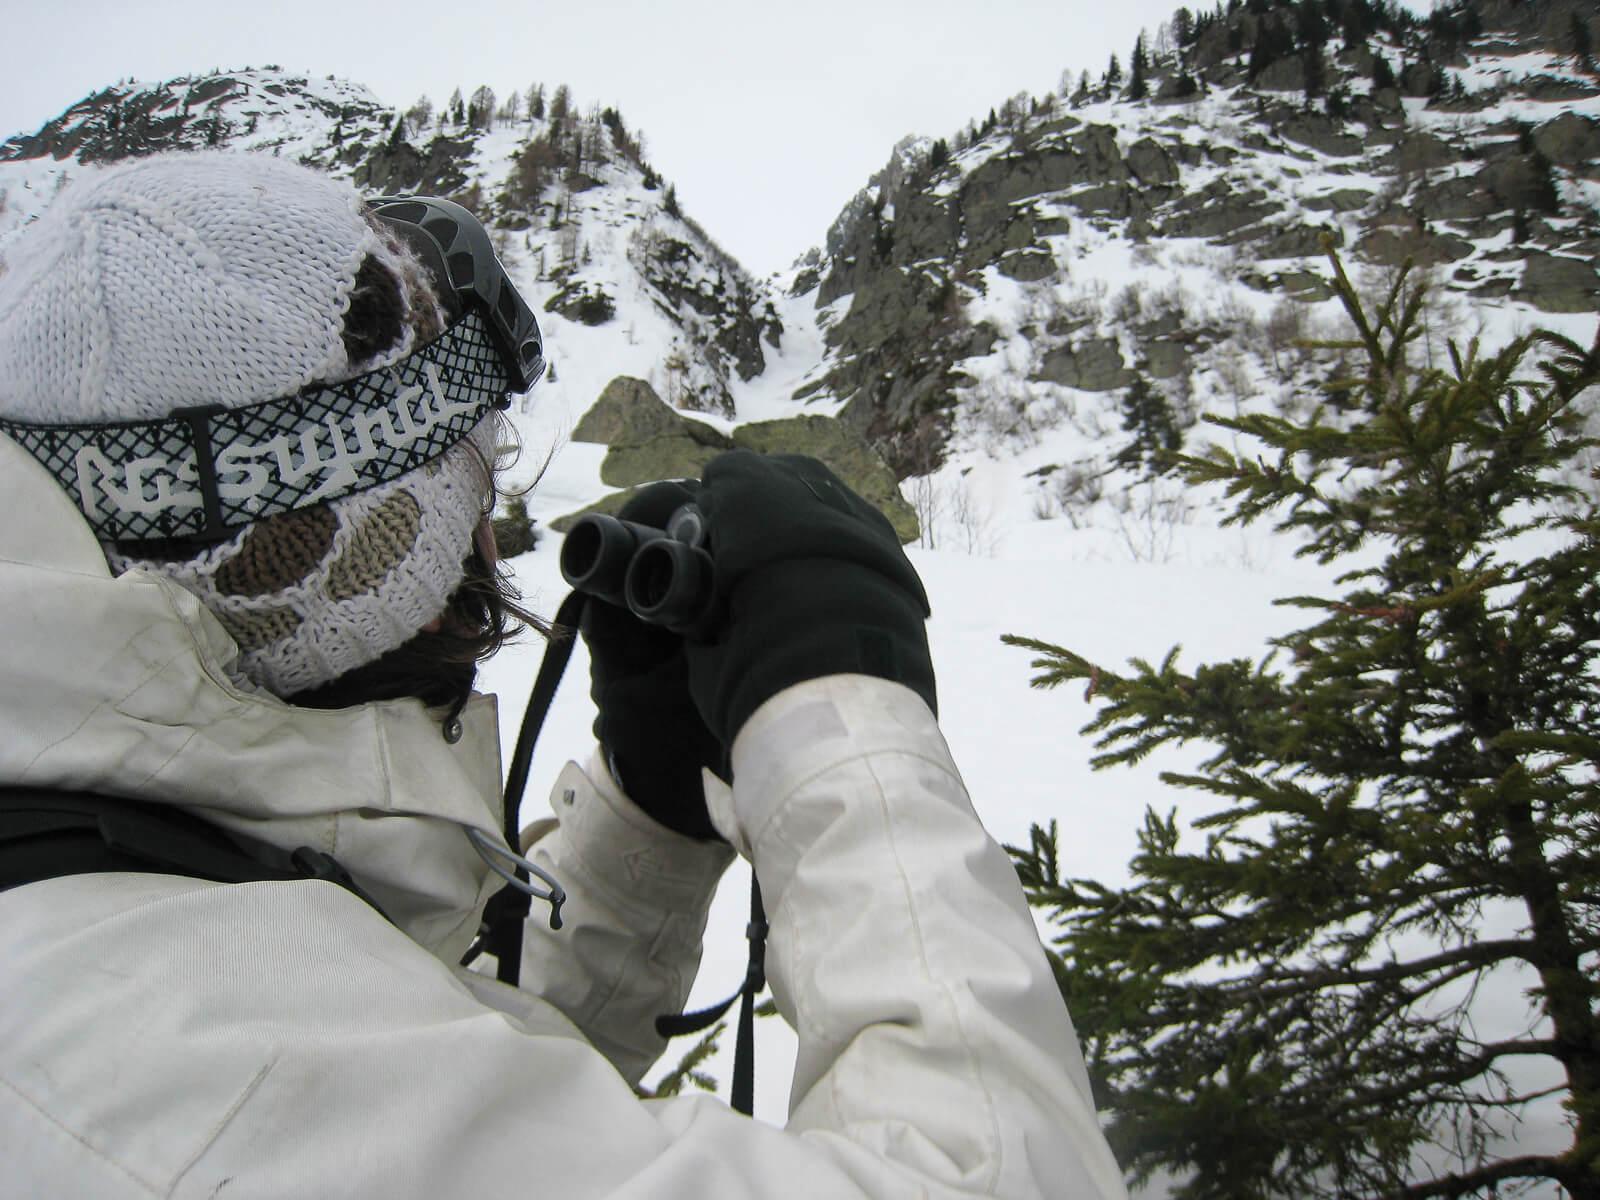 En hiver, pour approcher les animaux, mieux vaut se camoufler en blanc